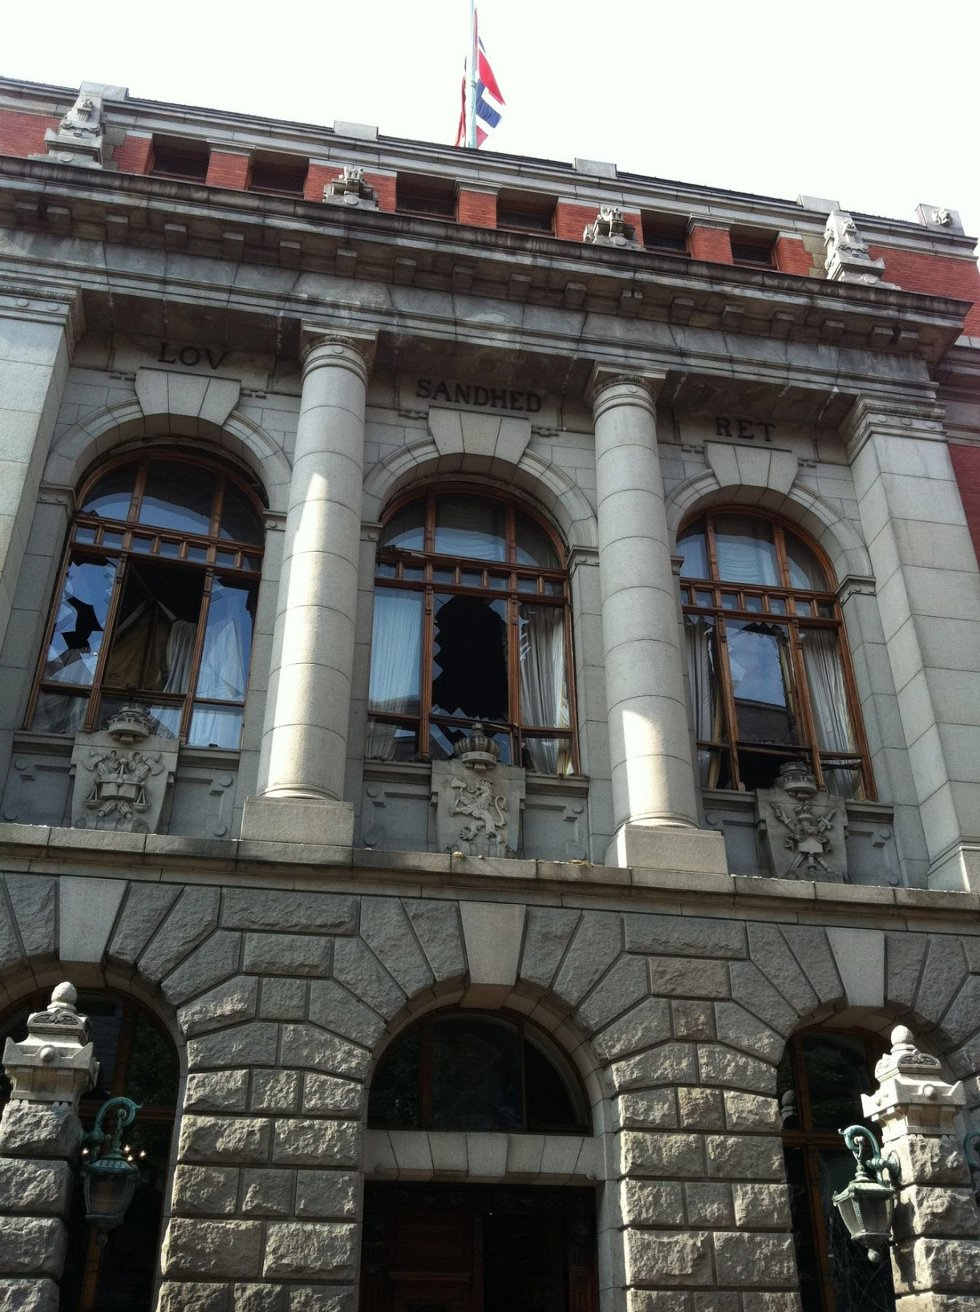 ØDELEGGELSER: Høyesteretts Hus ble påført store skader av bombeeksplosjonen den 22. juli. Bildet er tatt av direktør Gunnar Bergby i Høyesterett, under en befaring den 23. juli i fjor. FOTO: GUNNAR BERGBY (Foto: )